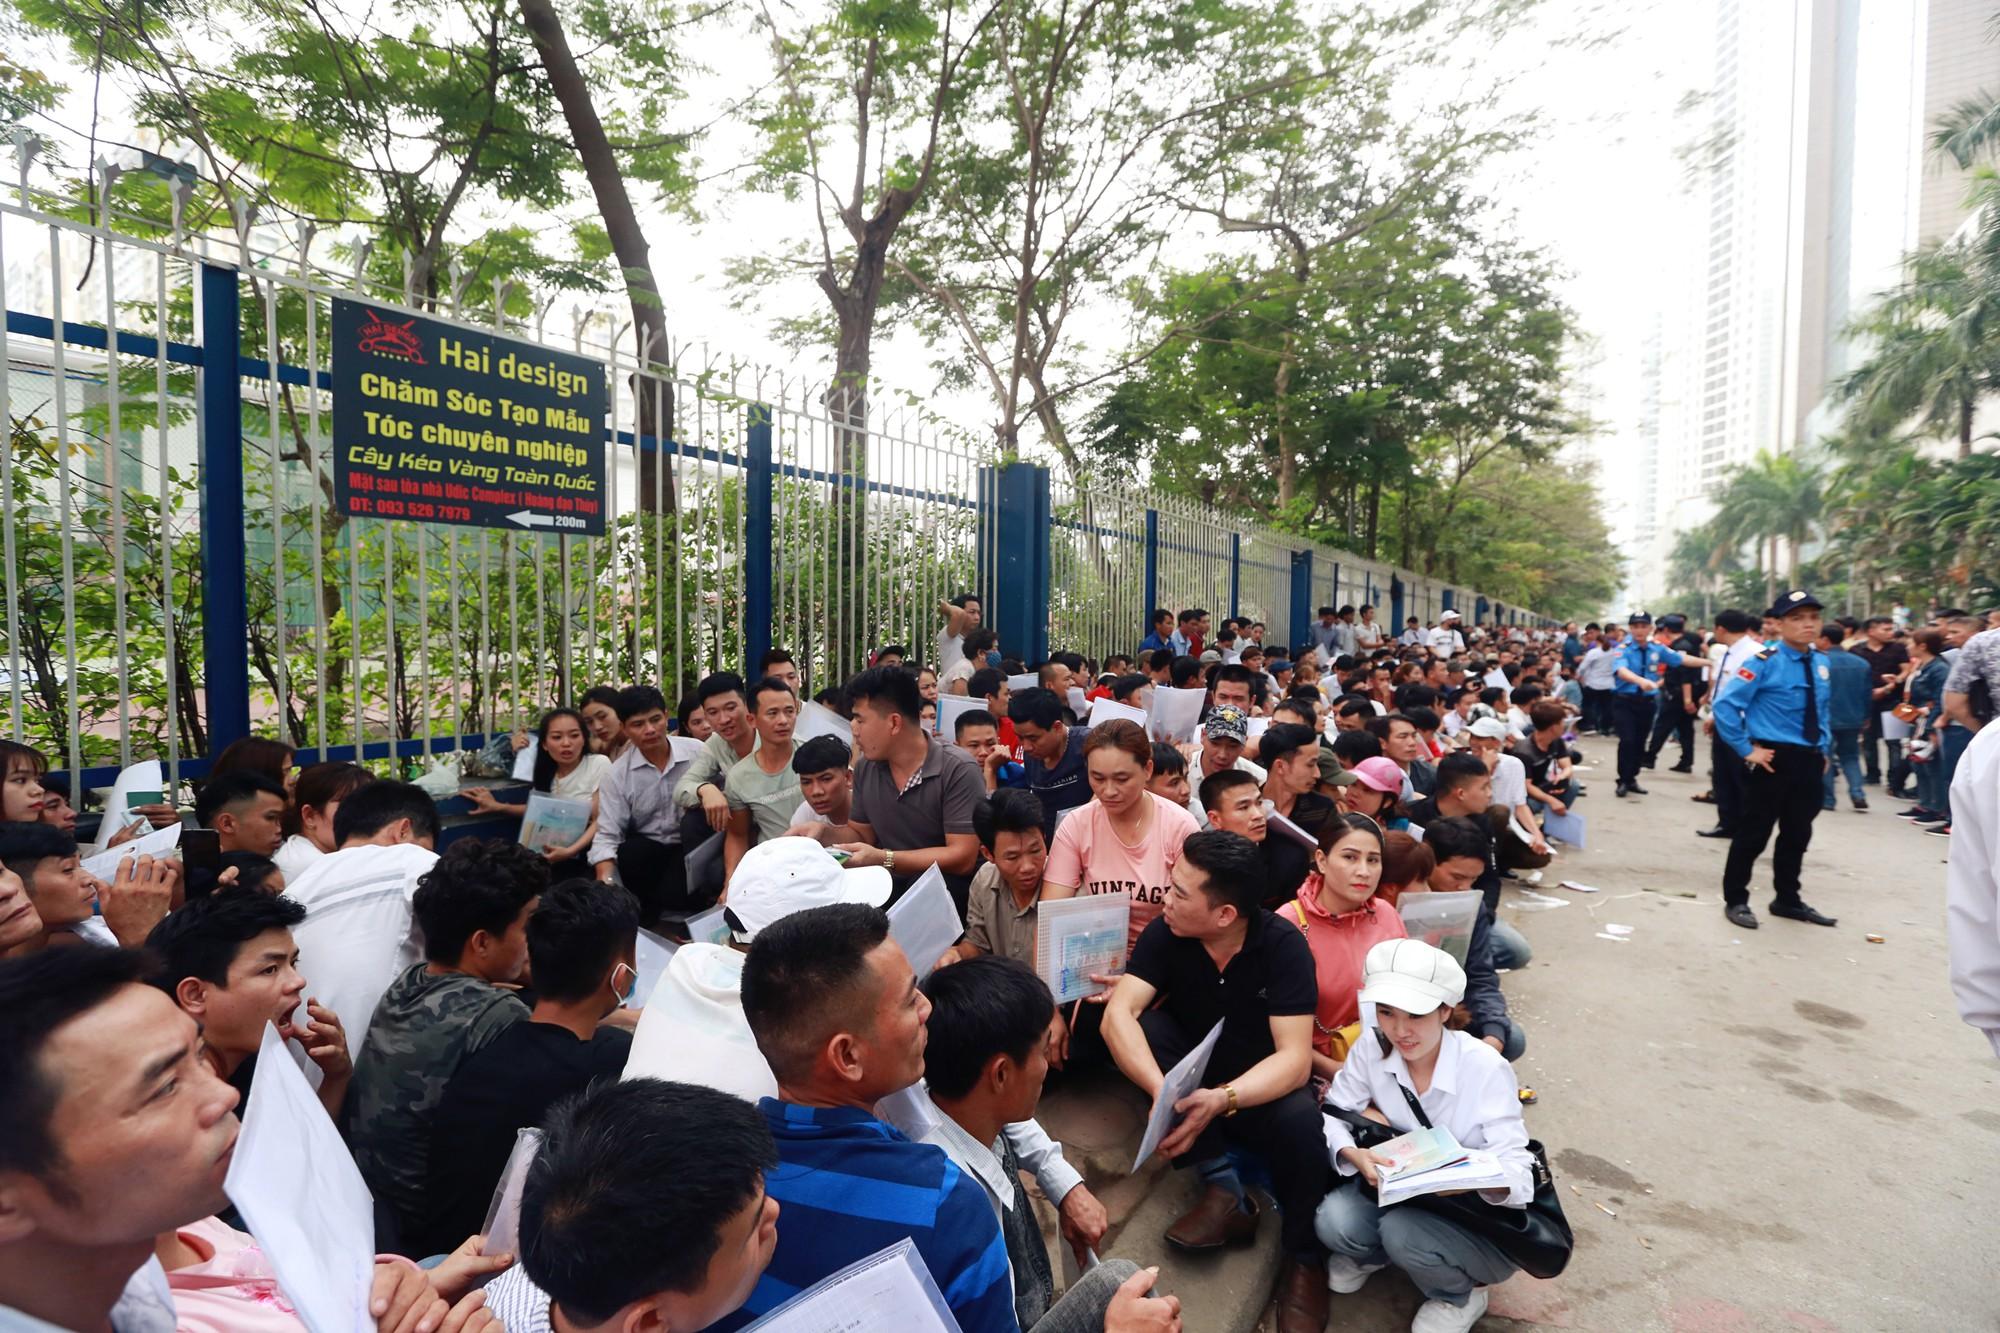 Cận cảnh hàng nghìn người xếp hàng trước Đại sứ quán Hàn Quốc chờ làm visa - Ảnh 2.